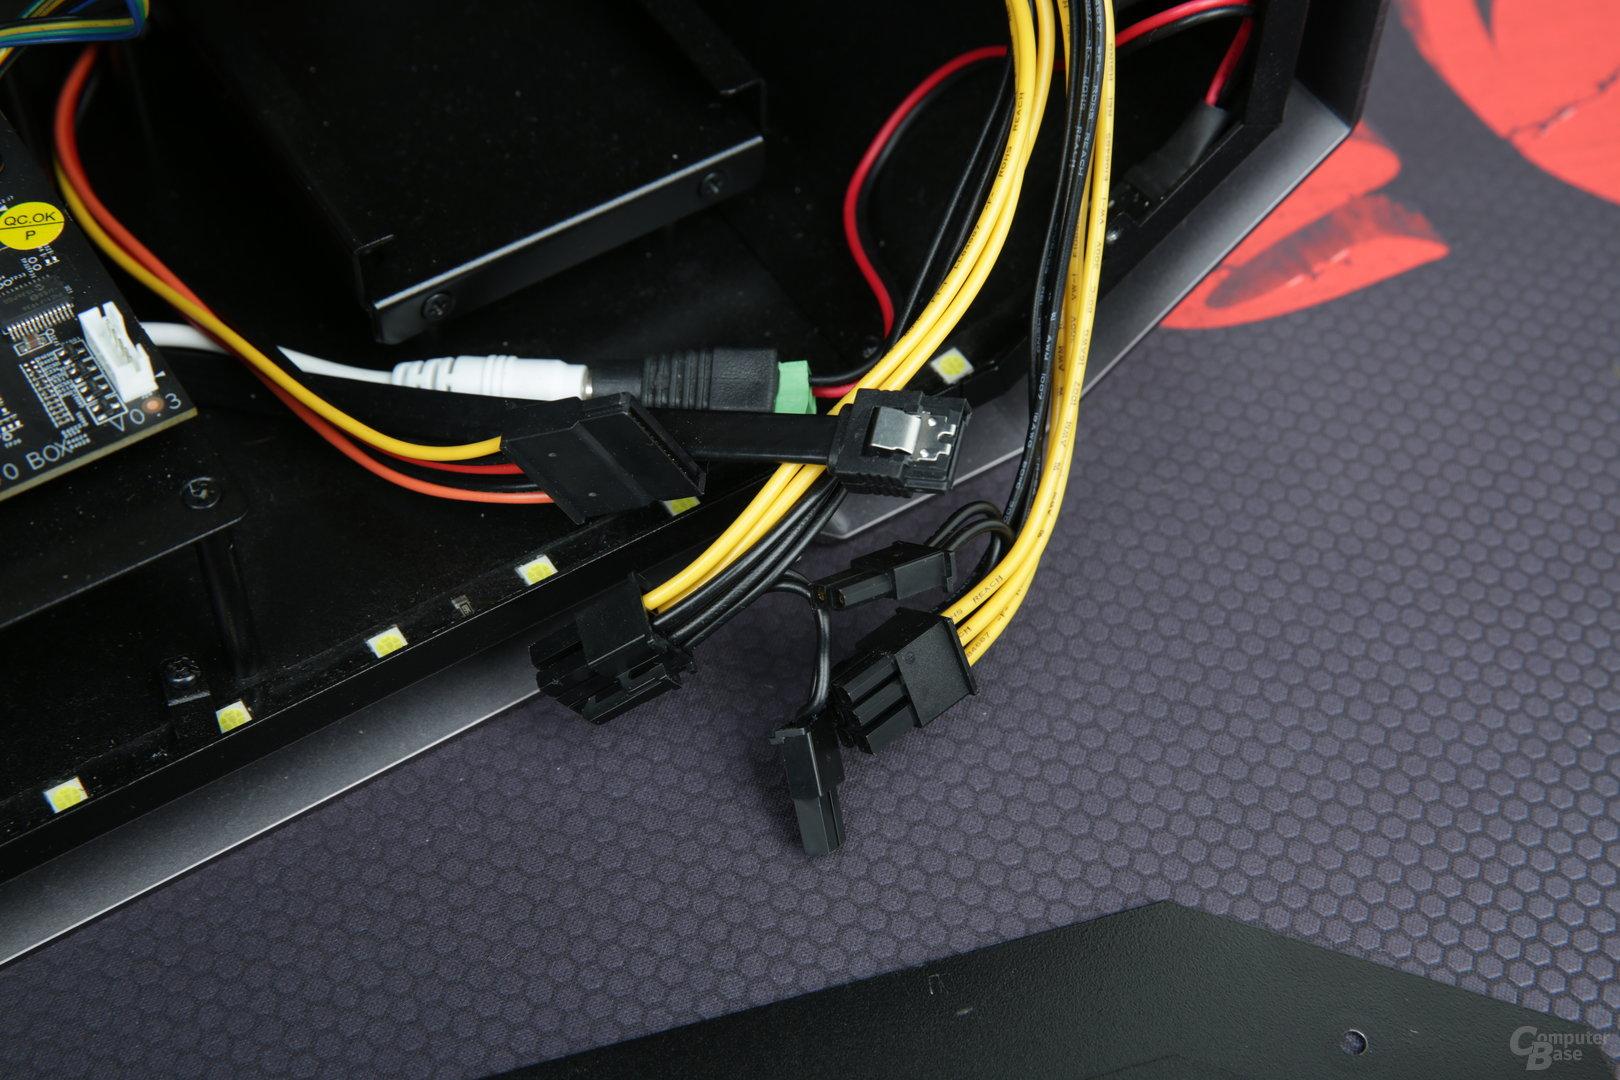 Zwei Mal PCIe mit 6/8 Pin, SATA-Daten und -Strom